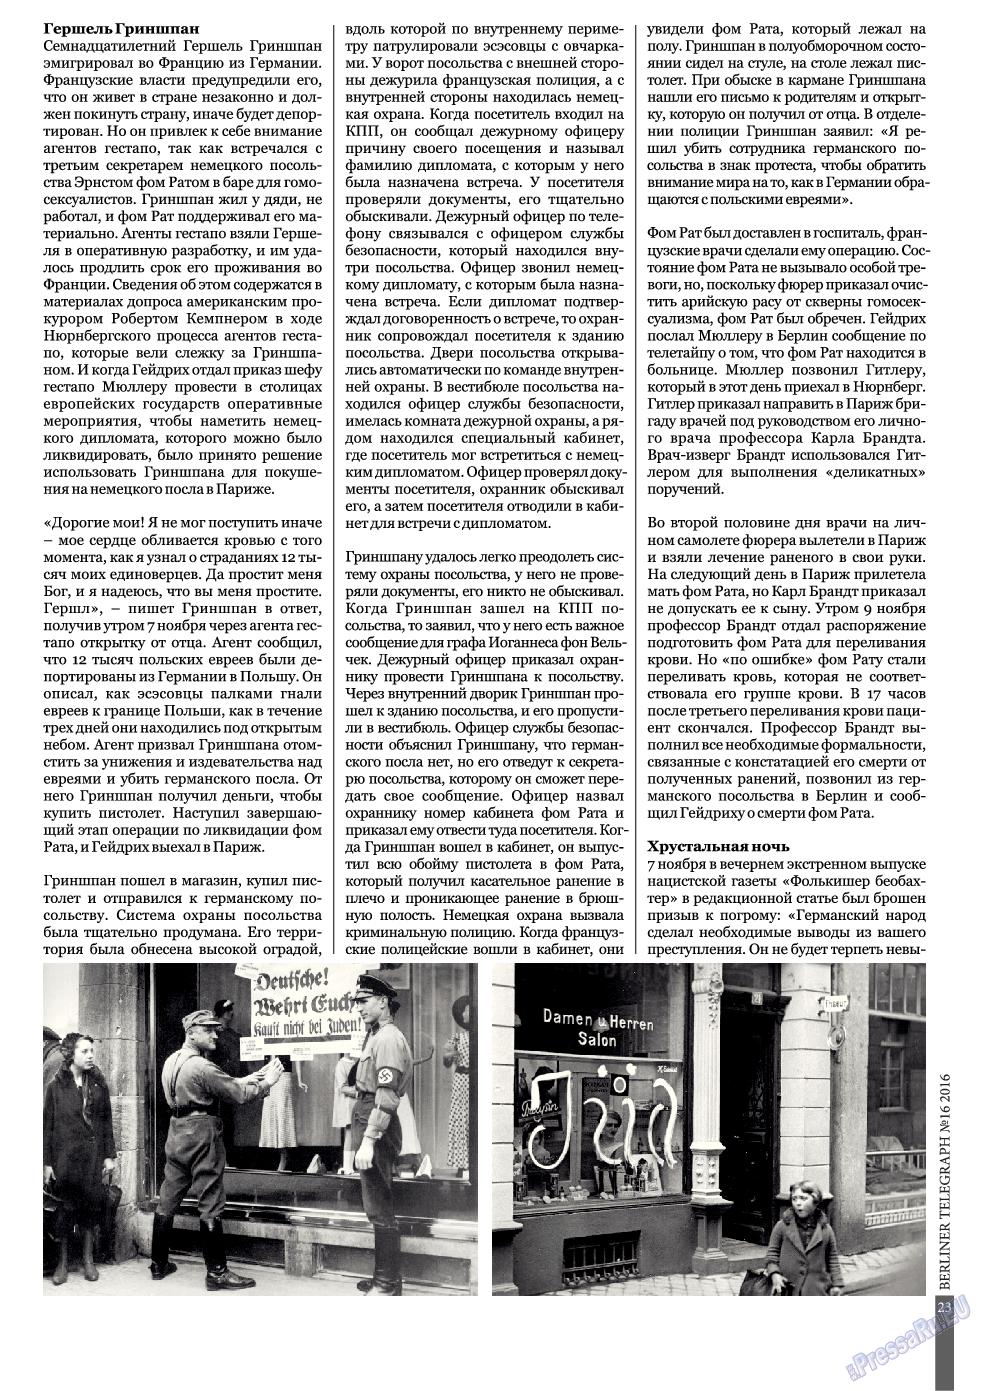 Берлинский телеграф (журнал). 2016 год, номер 16, стр. 23